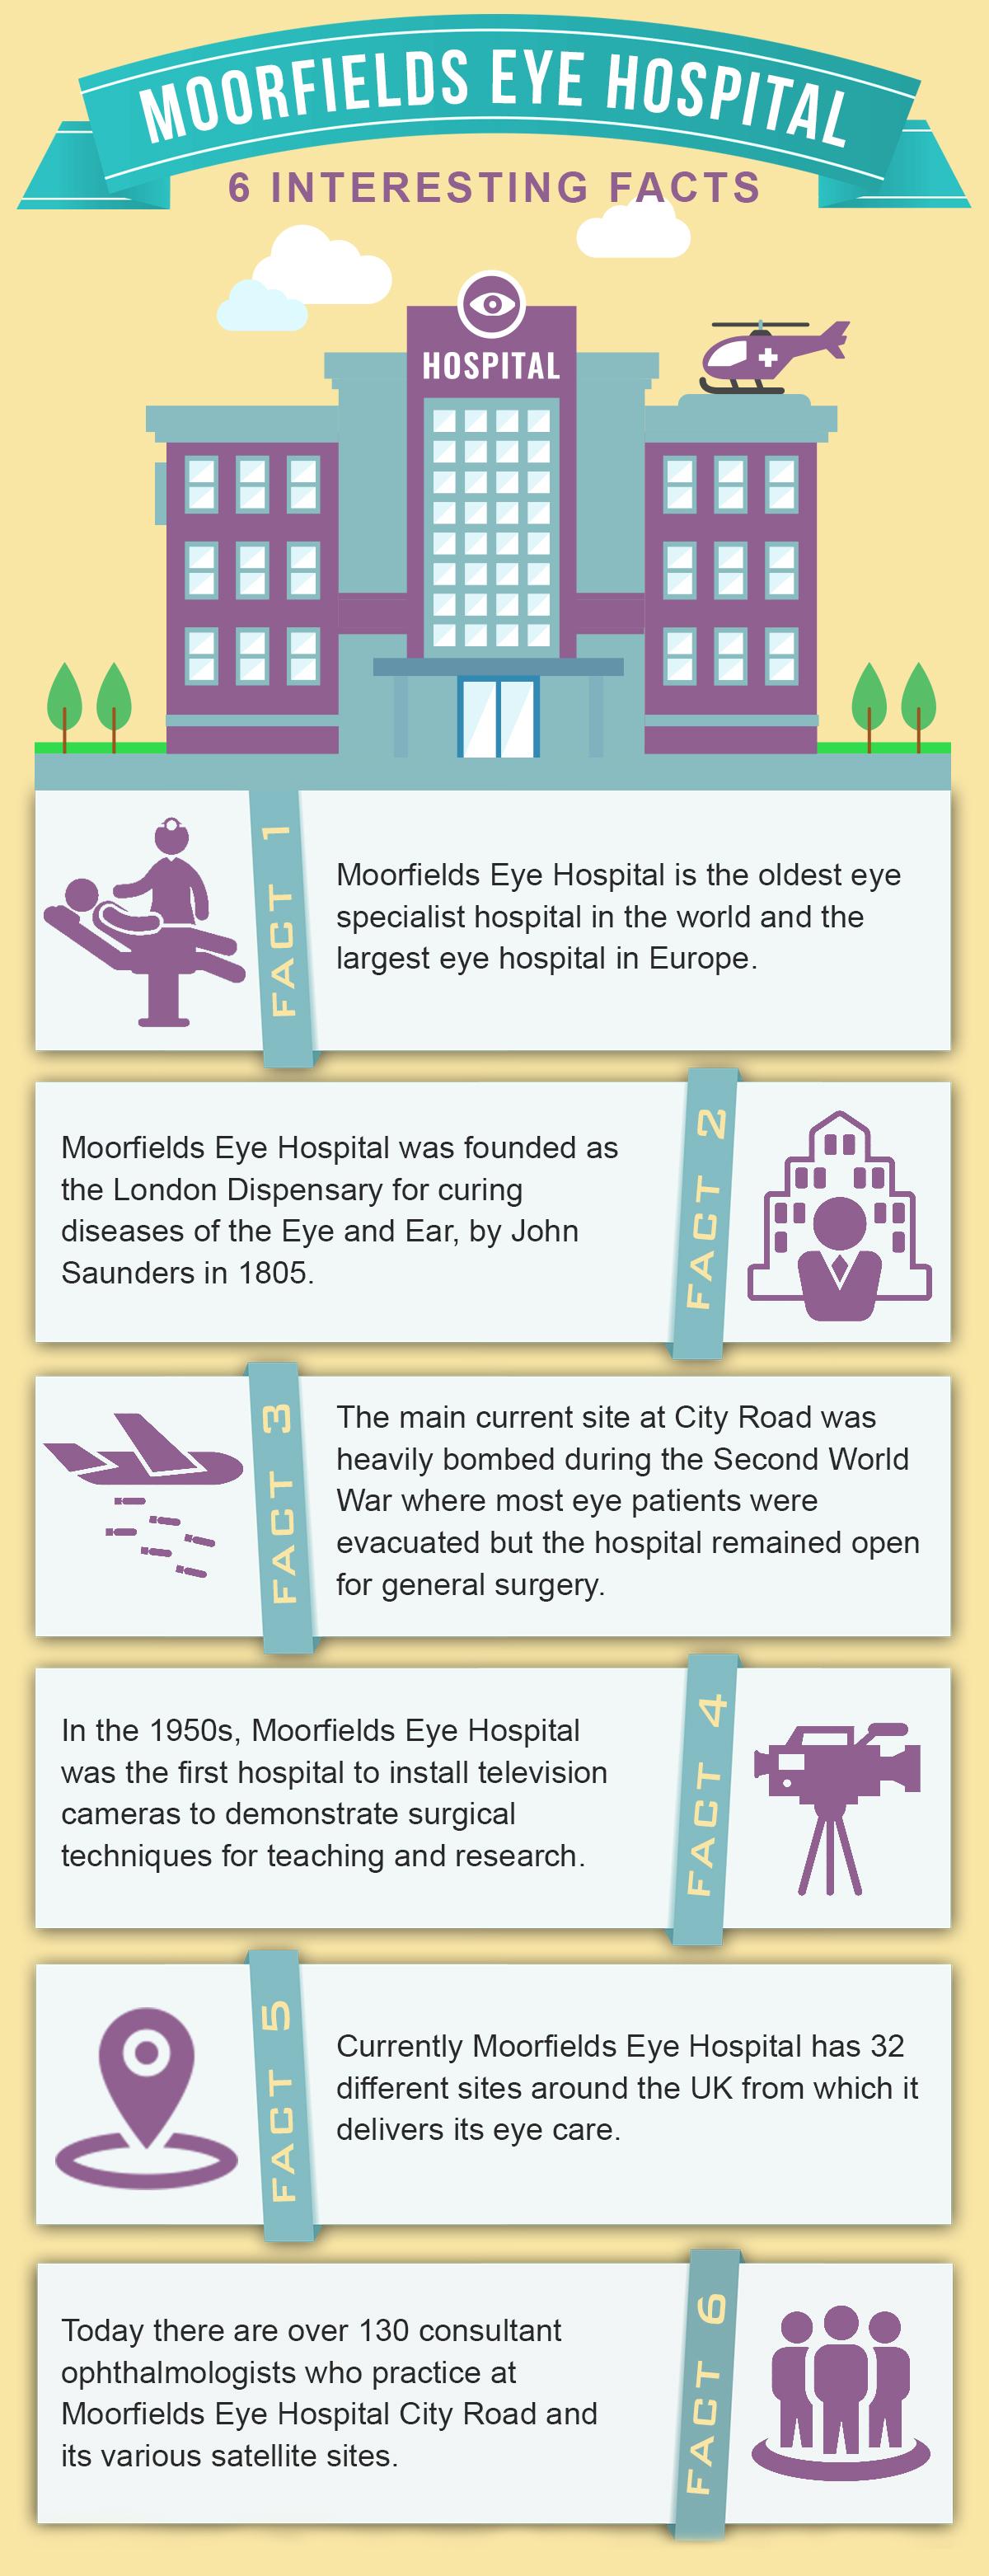 Moorfields Eye Hospital Facts